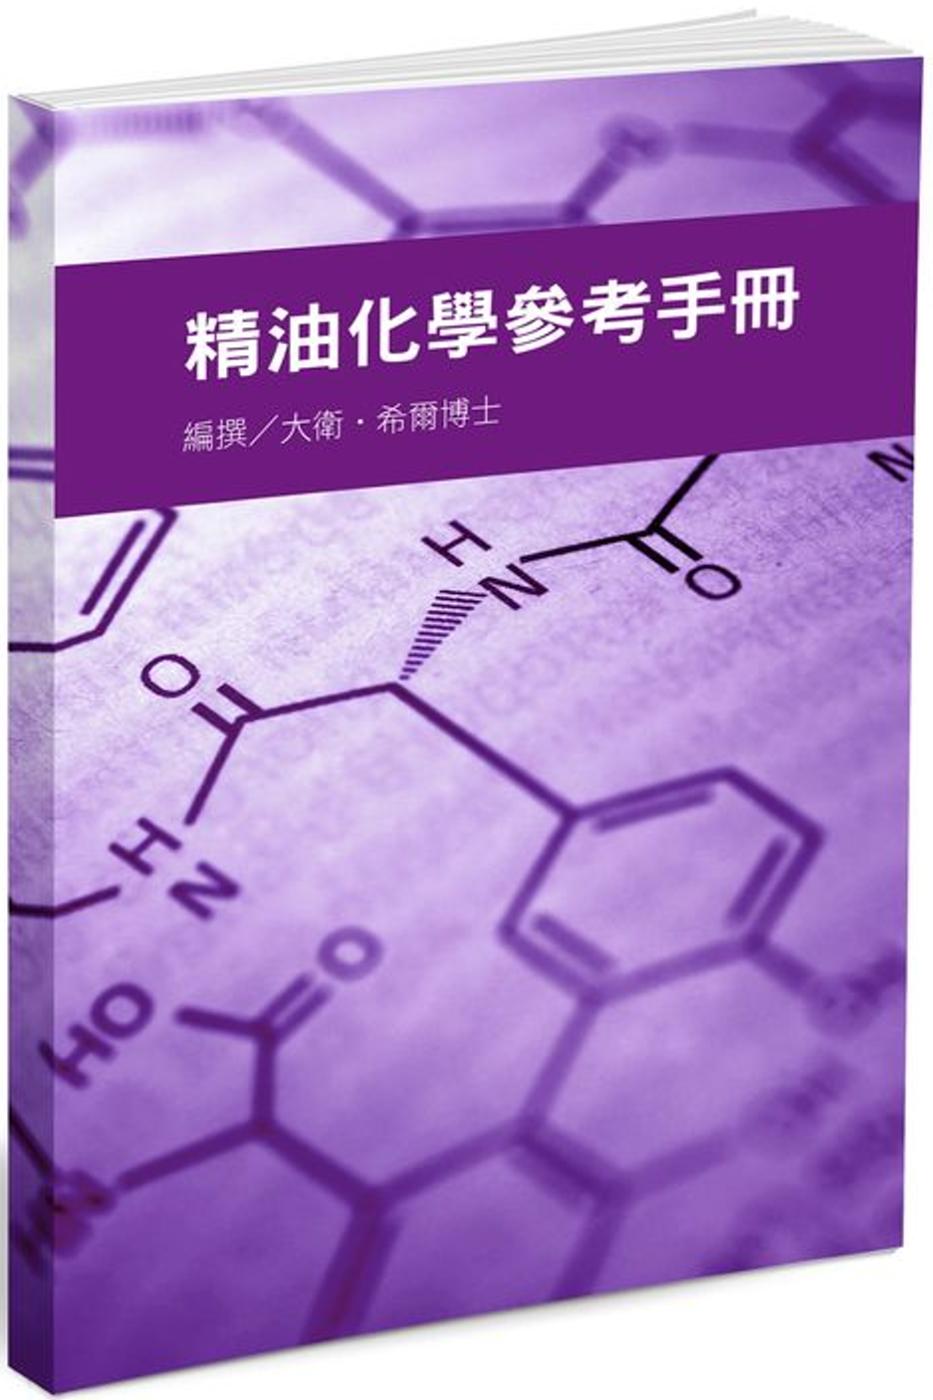 精油化學參考手冊(限台灣)